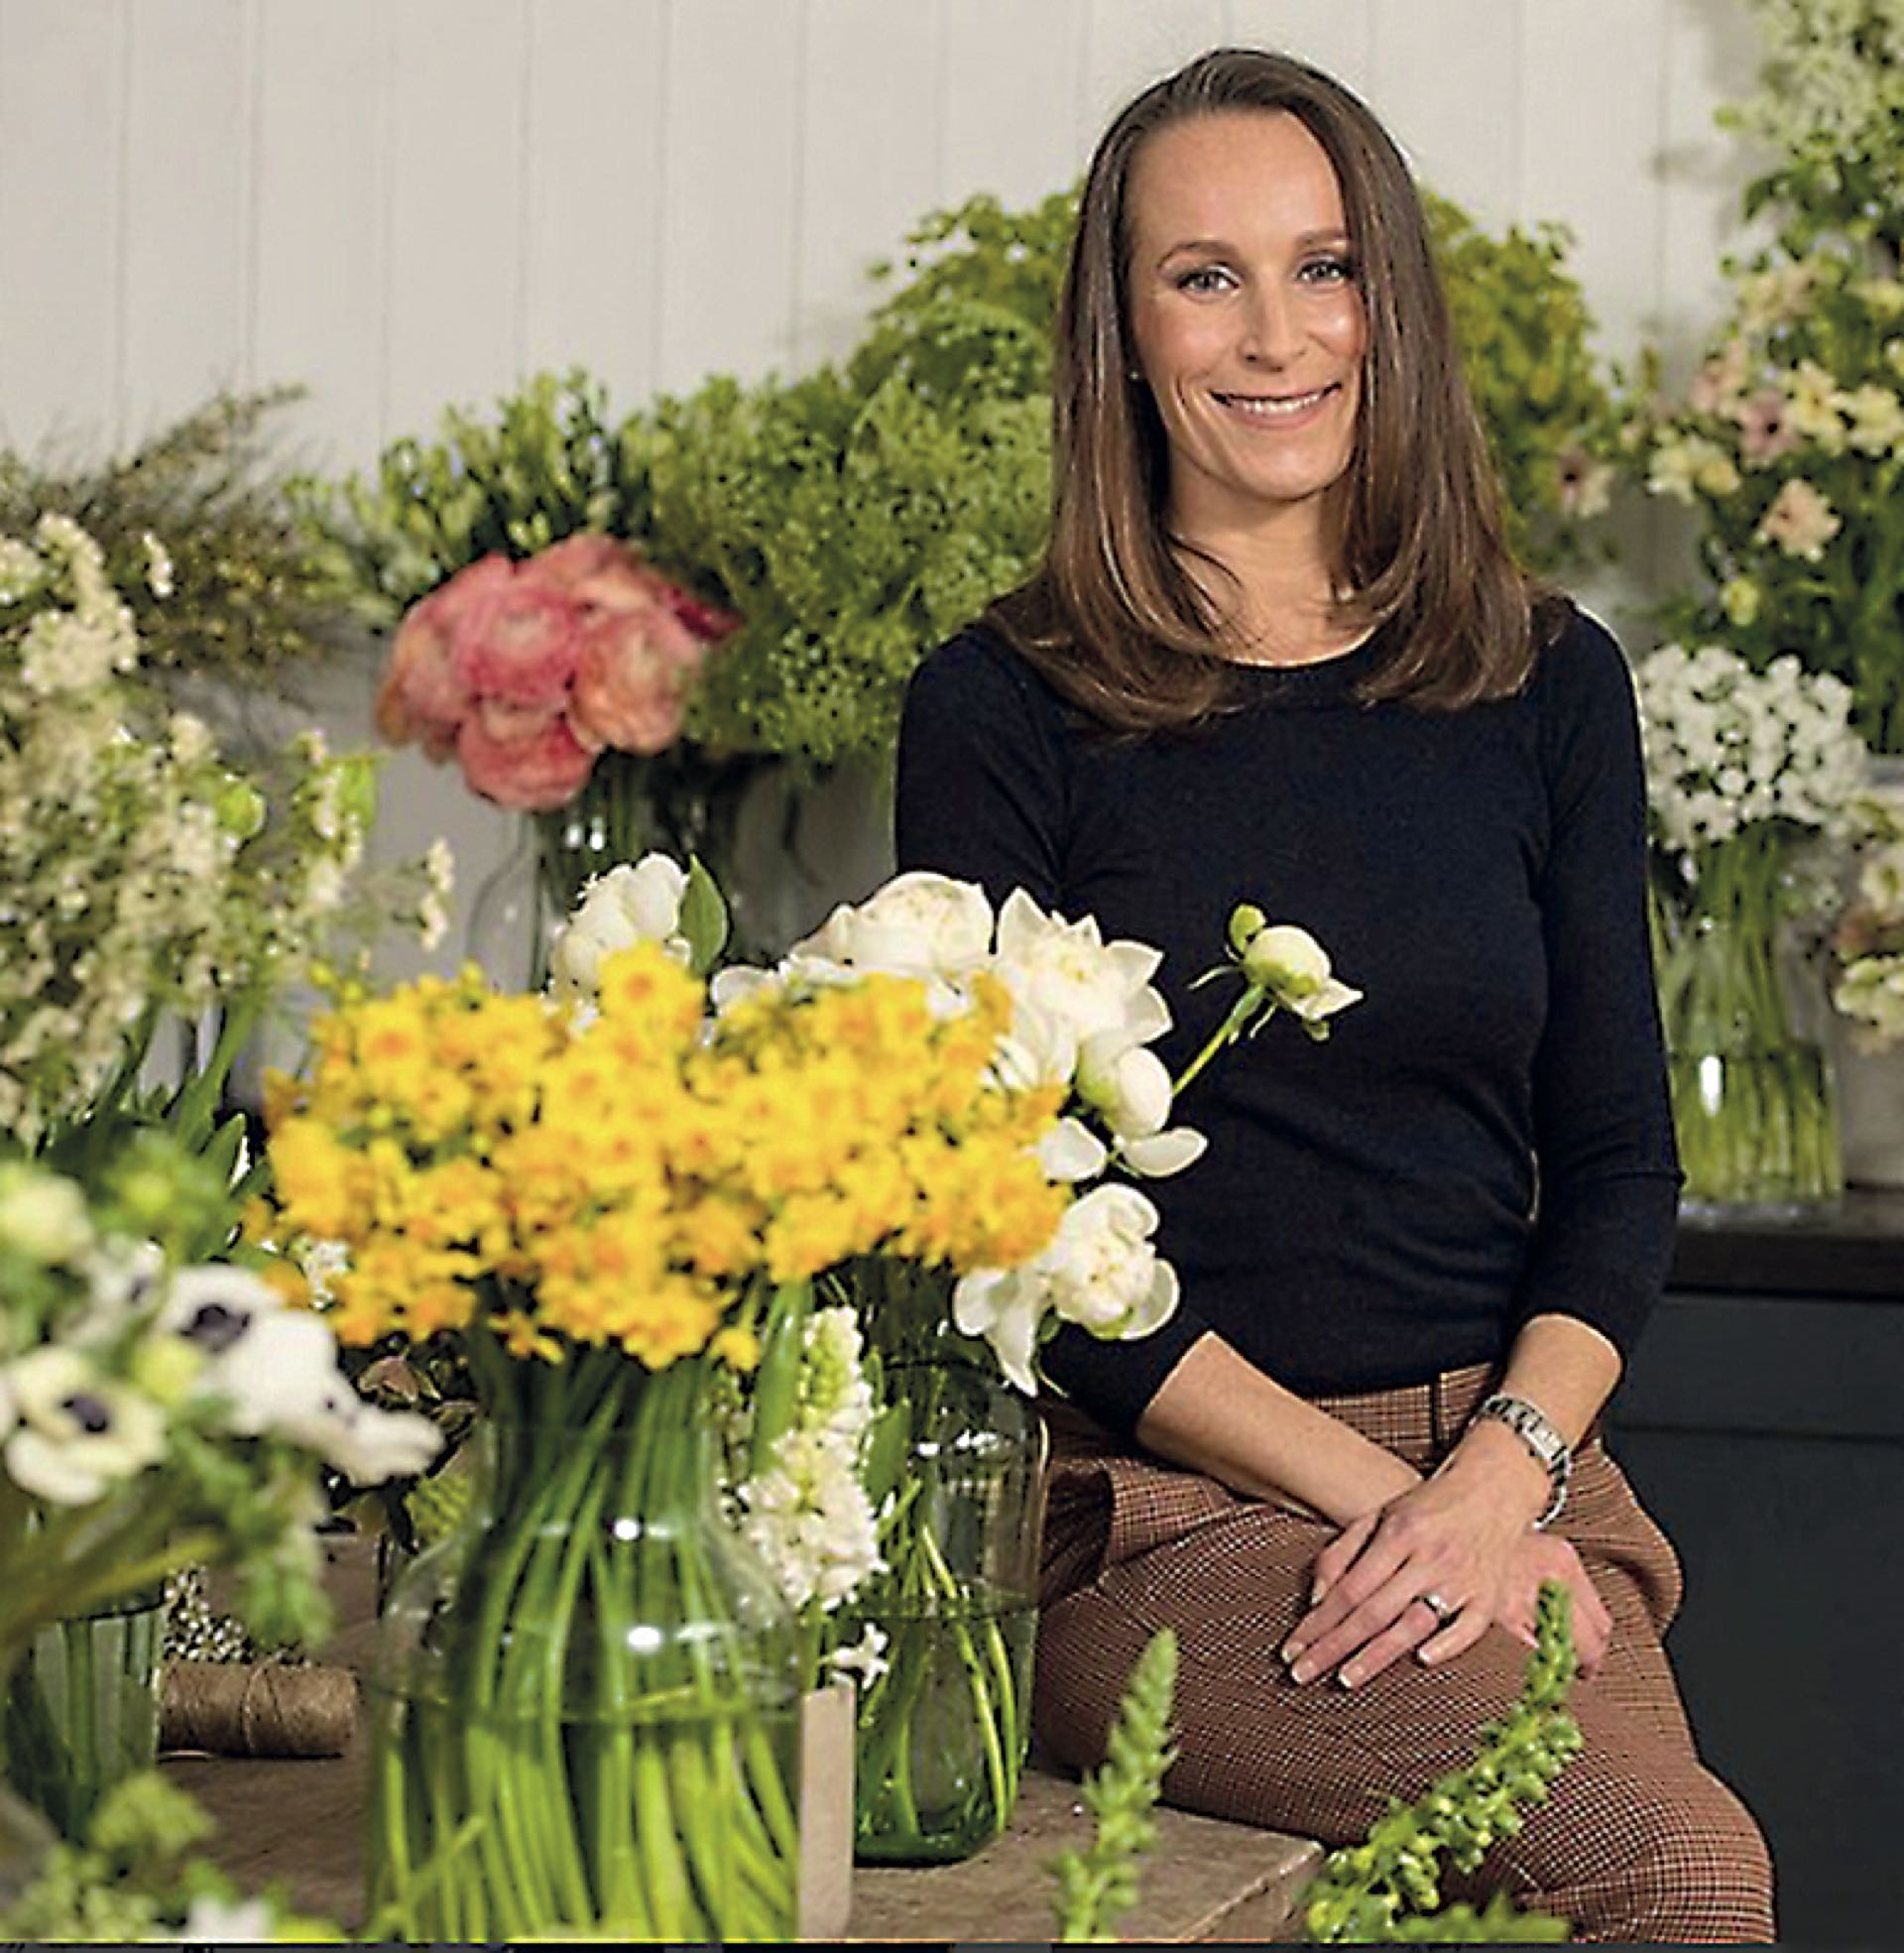 xArreglos florales. La florista Phillippa Craddock recurrirá a ramas de haya y abedul y a rosas blancas, peonías (las favoritas de la novia) y dedaleras.